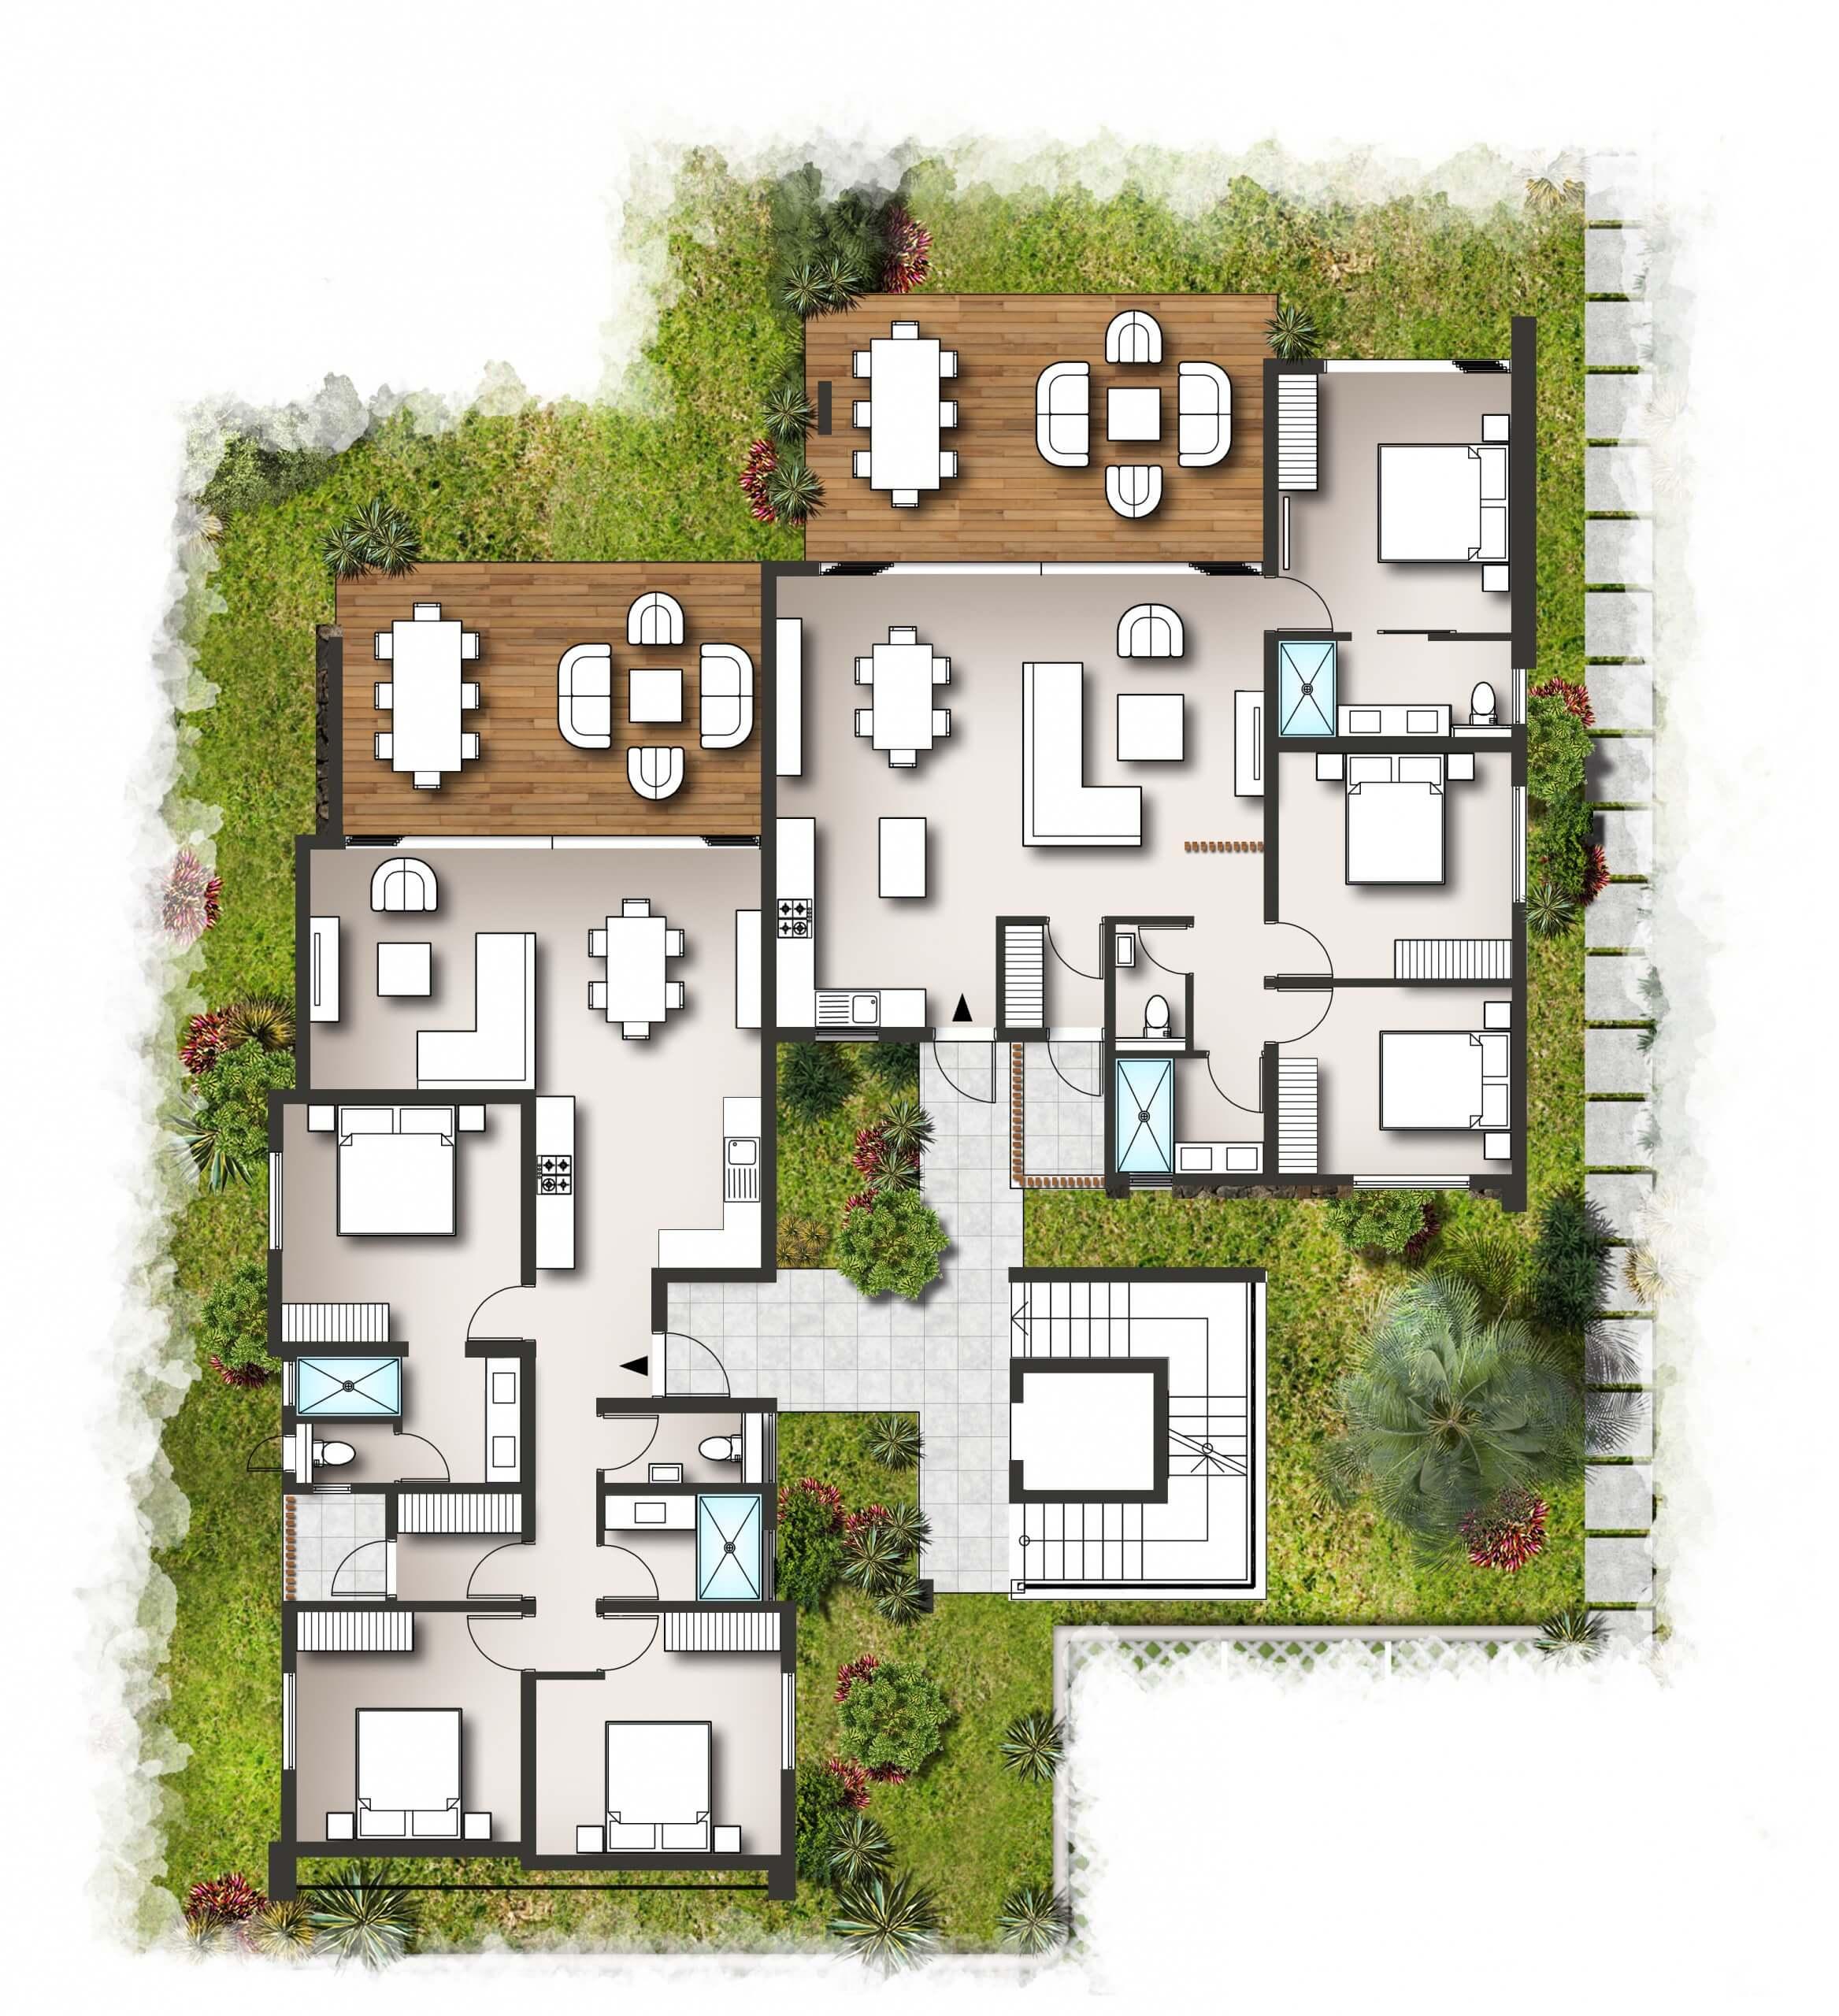 Apartments - AF1 & AF2